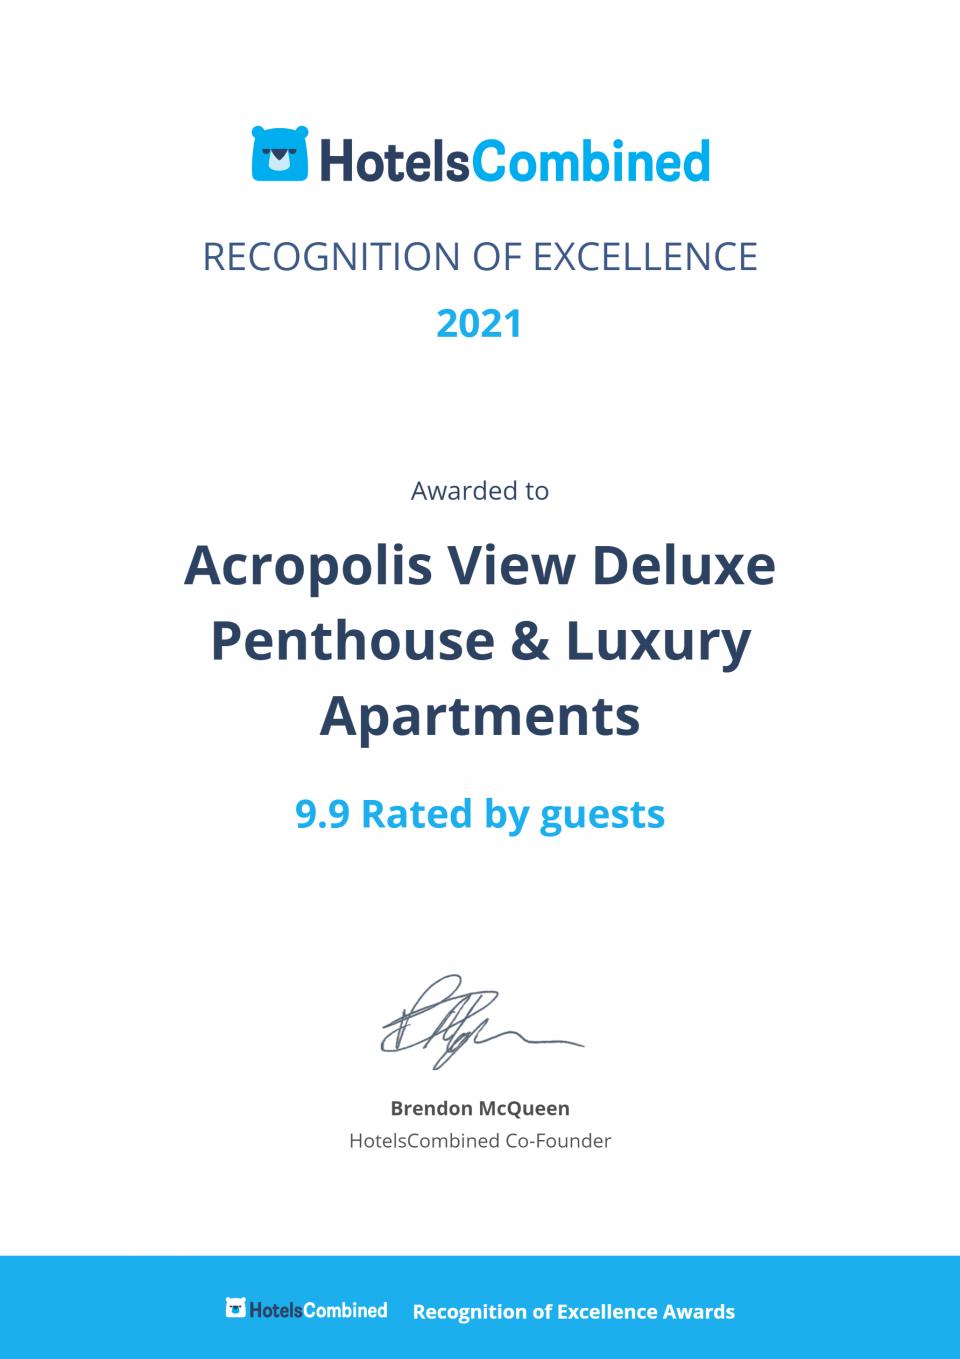 Acropolis View Deluxe Pethhouse & Luxury Apartments